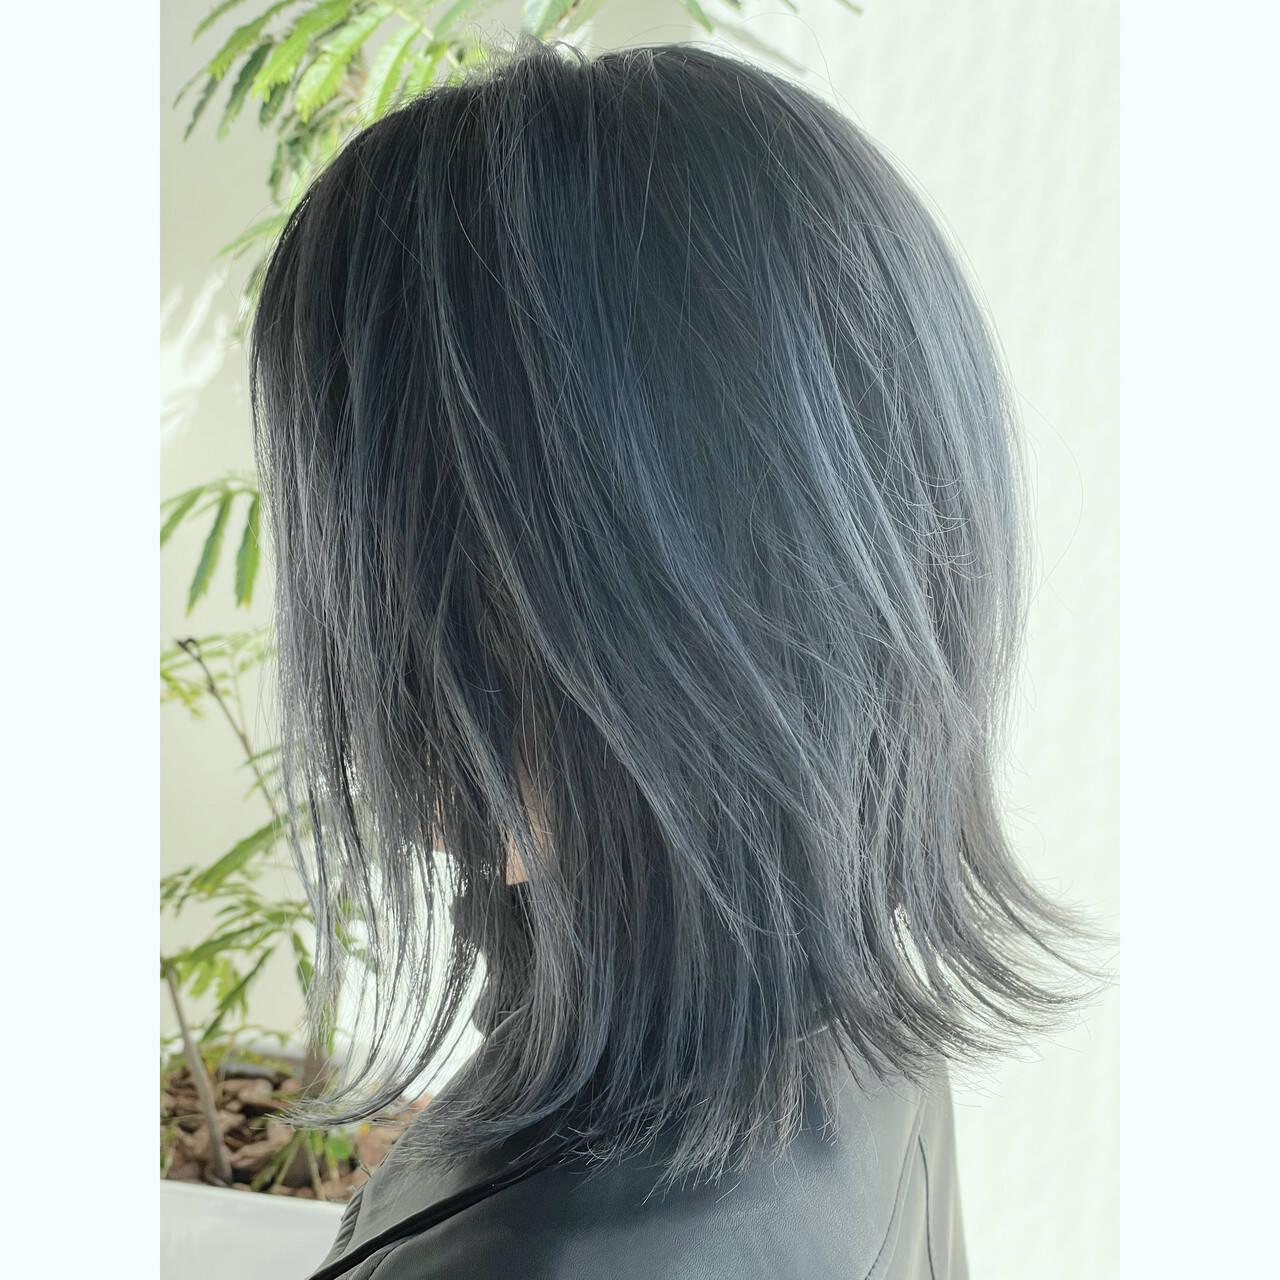 ミディアム シルバーアッシュ ストリート シルバーヘアスタイルや髪型の写真・画像